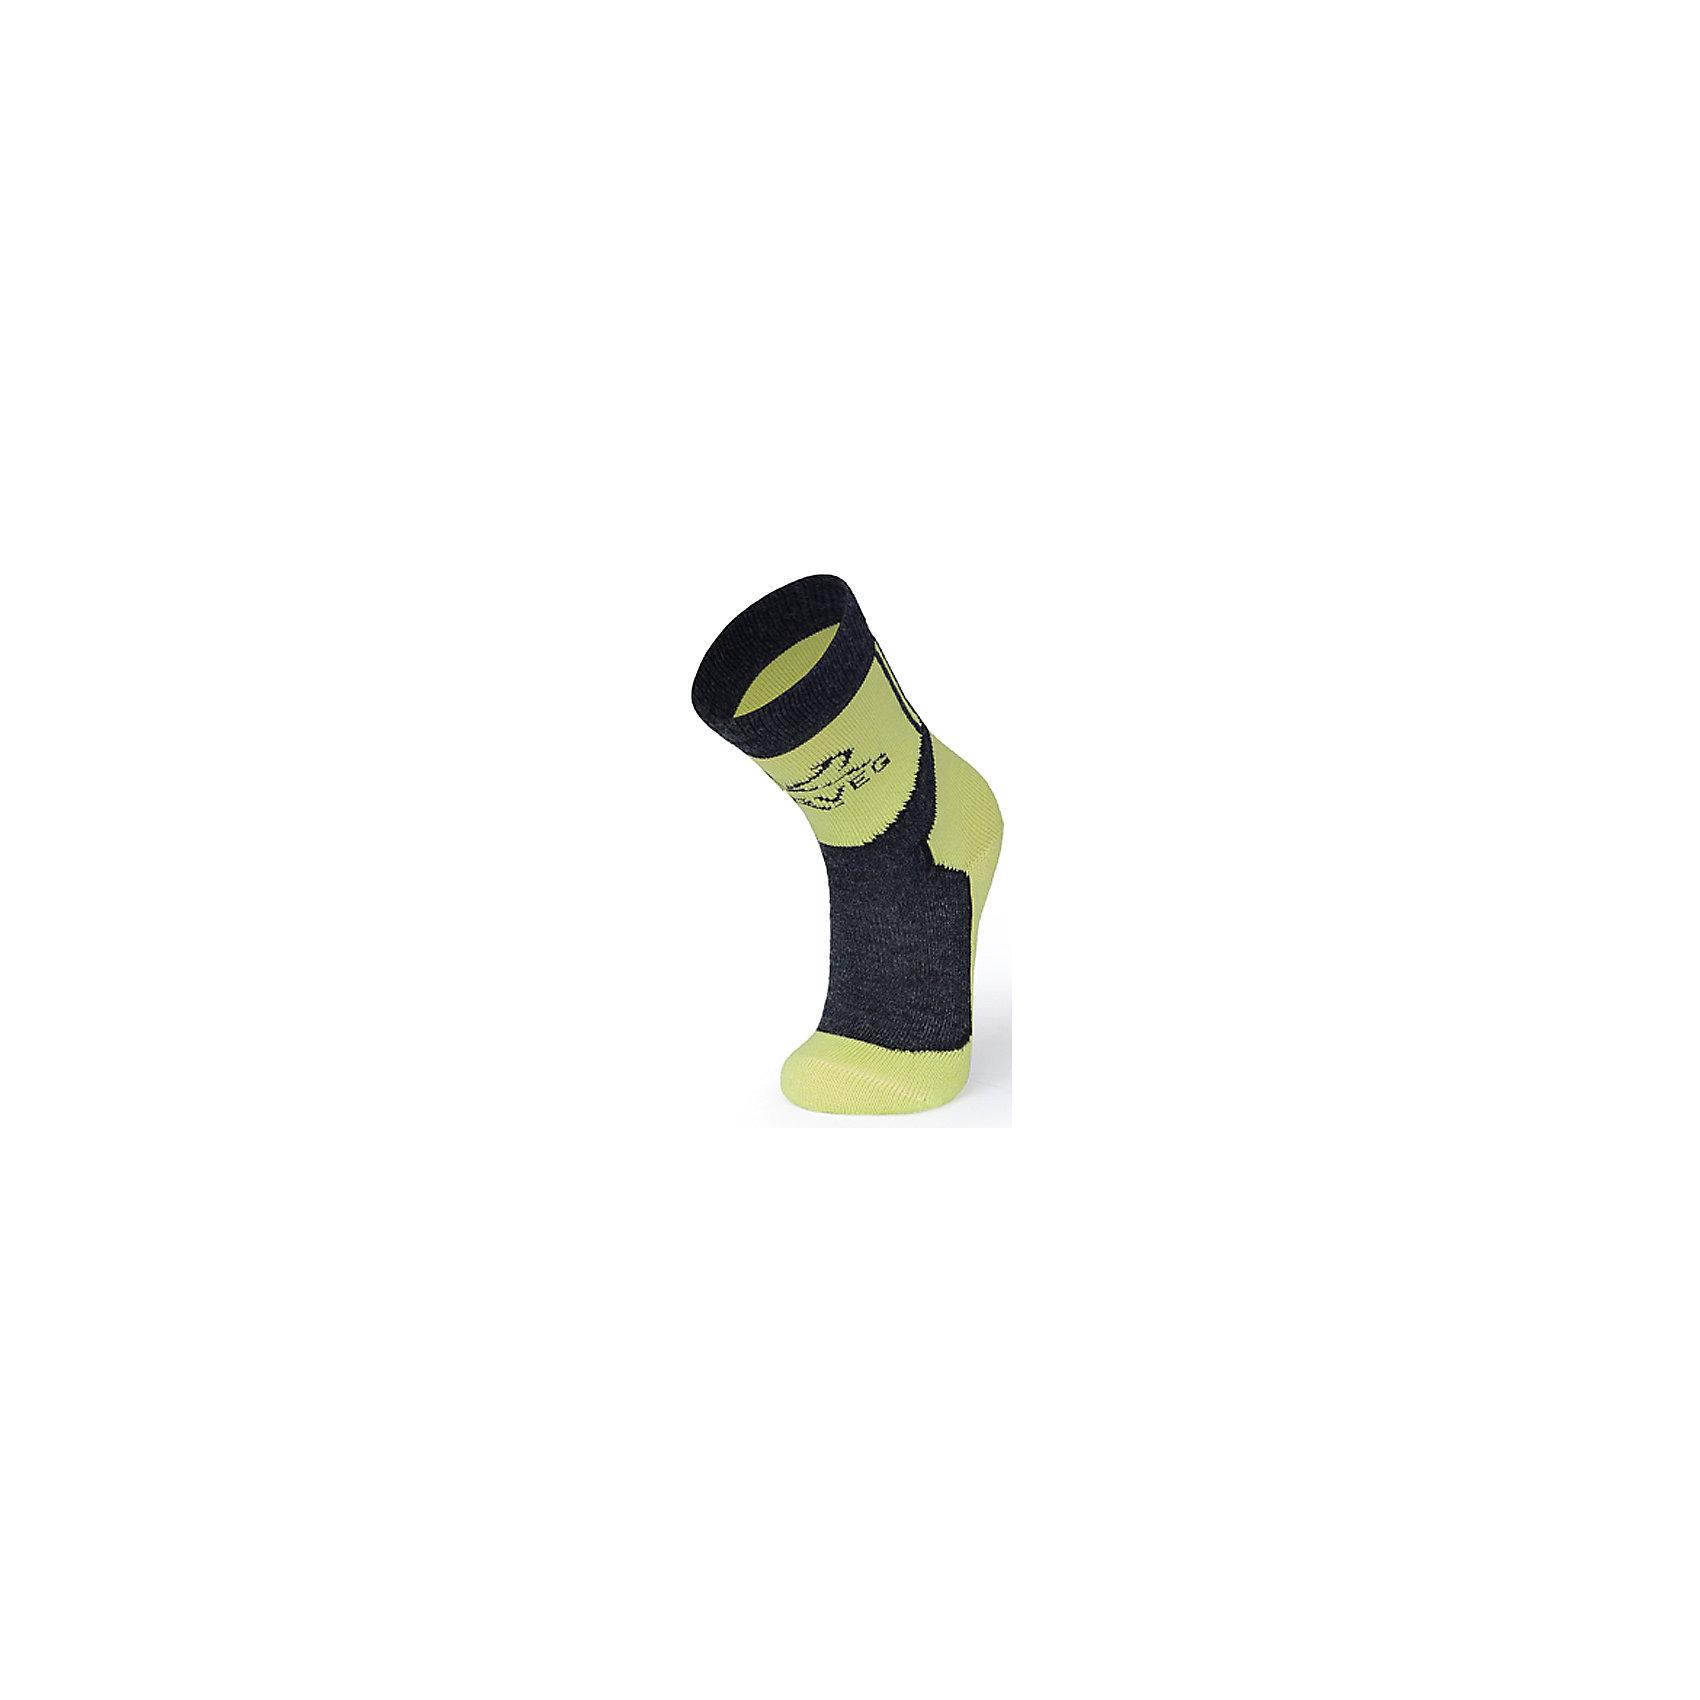 Термоноски  NorvegТермоноски от известного бренда Norveg<br><br>Термоноски Norveg Cross Country от немецкой компании Norveg (Норвег) - это удобная и красивая одежда, которая обеспечит комфортную терморегуляцию тела и на улице, и в помещении. <br>Они сделаны из шерсти мериноса (австралийской тонкорунной овцы), которая обладает гипоаллергенными свойствами, поэтому не вызывает раздражения, даже если надета на голое тело. Добавление <br>волокна с антибактериальной обработкой Polycolon помогает выводить влагу от тела. Также поликолон мешает загрязнению и повышает износоустойчивость. <br><br>Отличительные особенности модели:<br><br>- цвет: лайм, серый;<br>- анатомические резинки;<br>- материал впитывает влагу и сразу выводит наружу;<br>- анатомический крой;<br>- подходит и мальчикам, и девочкам;<br>- дополнительная фиксация в районе свода стопы;<br>- анатомическая пятка;<br>- бесшовный мысок.<br><br>Дополнительная информация:<br><br>- Температурный режим: от - 20° С  до +5° С.<br><br>- Состав: 60% шерсть мериносов, 30% поликолон, 7% полиамид, 3% лайкра<br><br>Носки Norveg (Норвег) можно купить в нашем магазине.<br><br>Ширина мм: 87<br>Глубина мм: 10<br>Высота мм: 105<br>Вес г: 115<br>Цвет: серый<br>Возраст от месяцев: 132<br>Возраст до месяцев: 144<br>Пол: Унисекс<br>Возраст: Детский<br>Размер: 35-38,19-22,23-26,31-34,27-30<br>SKU: 4224713